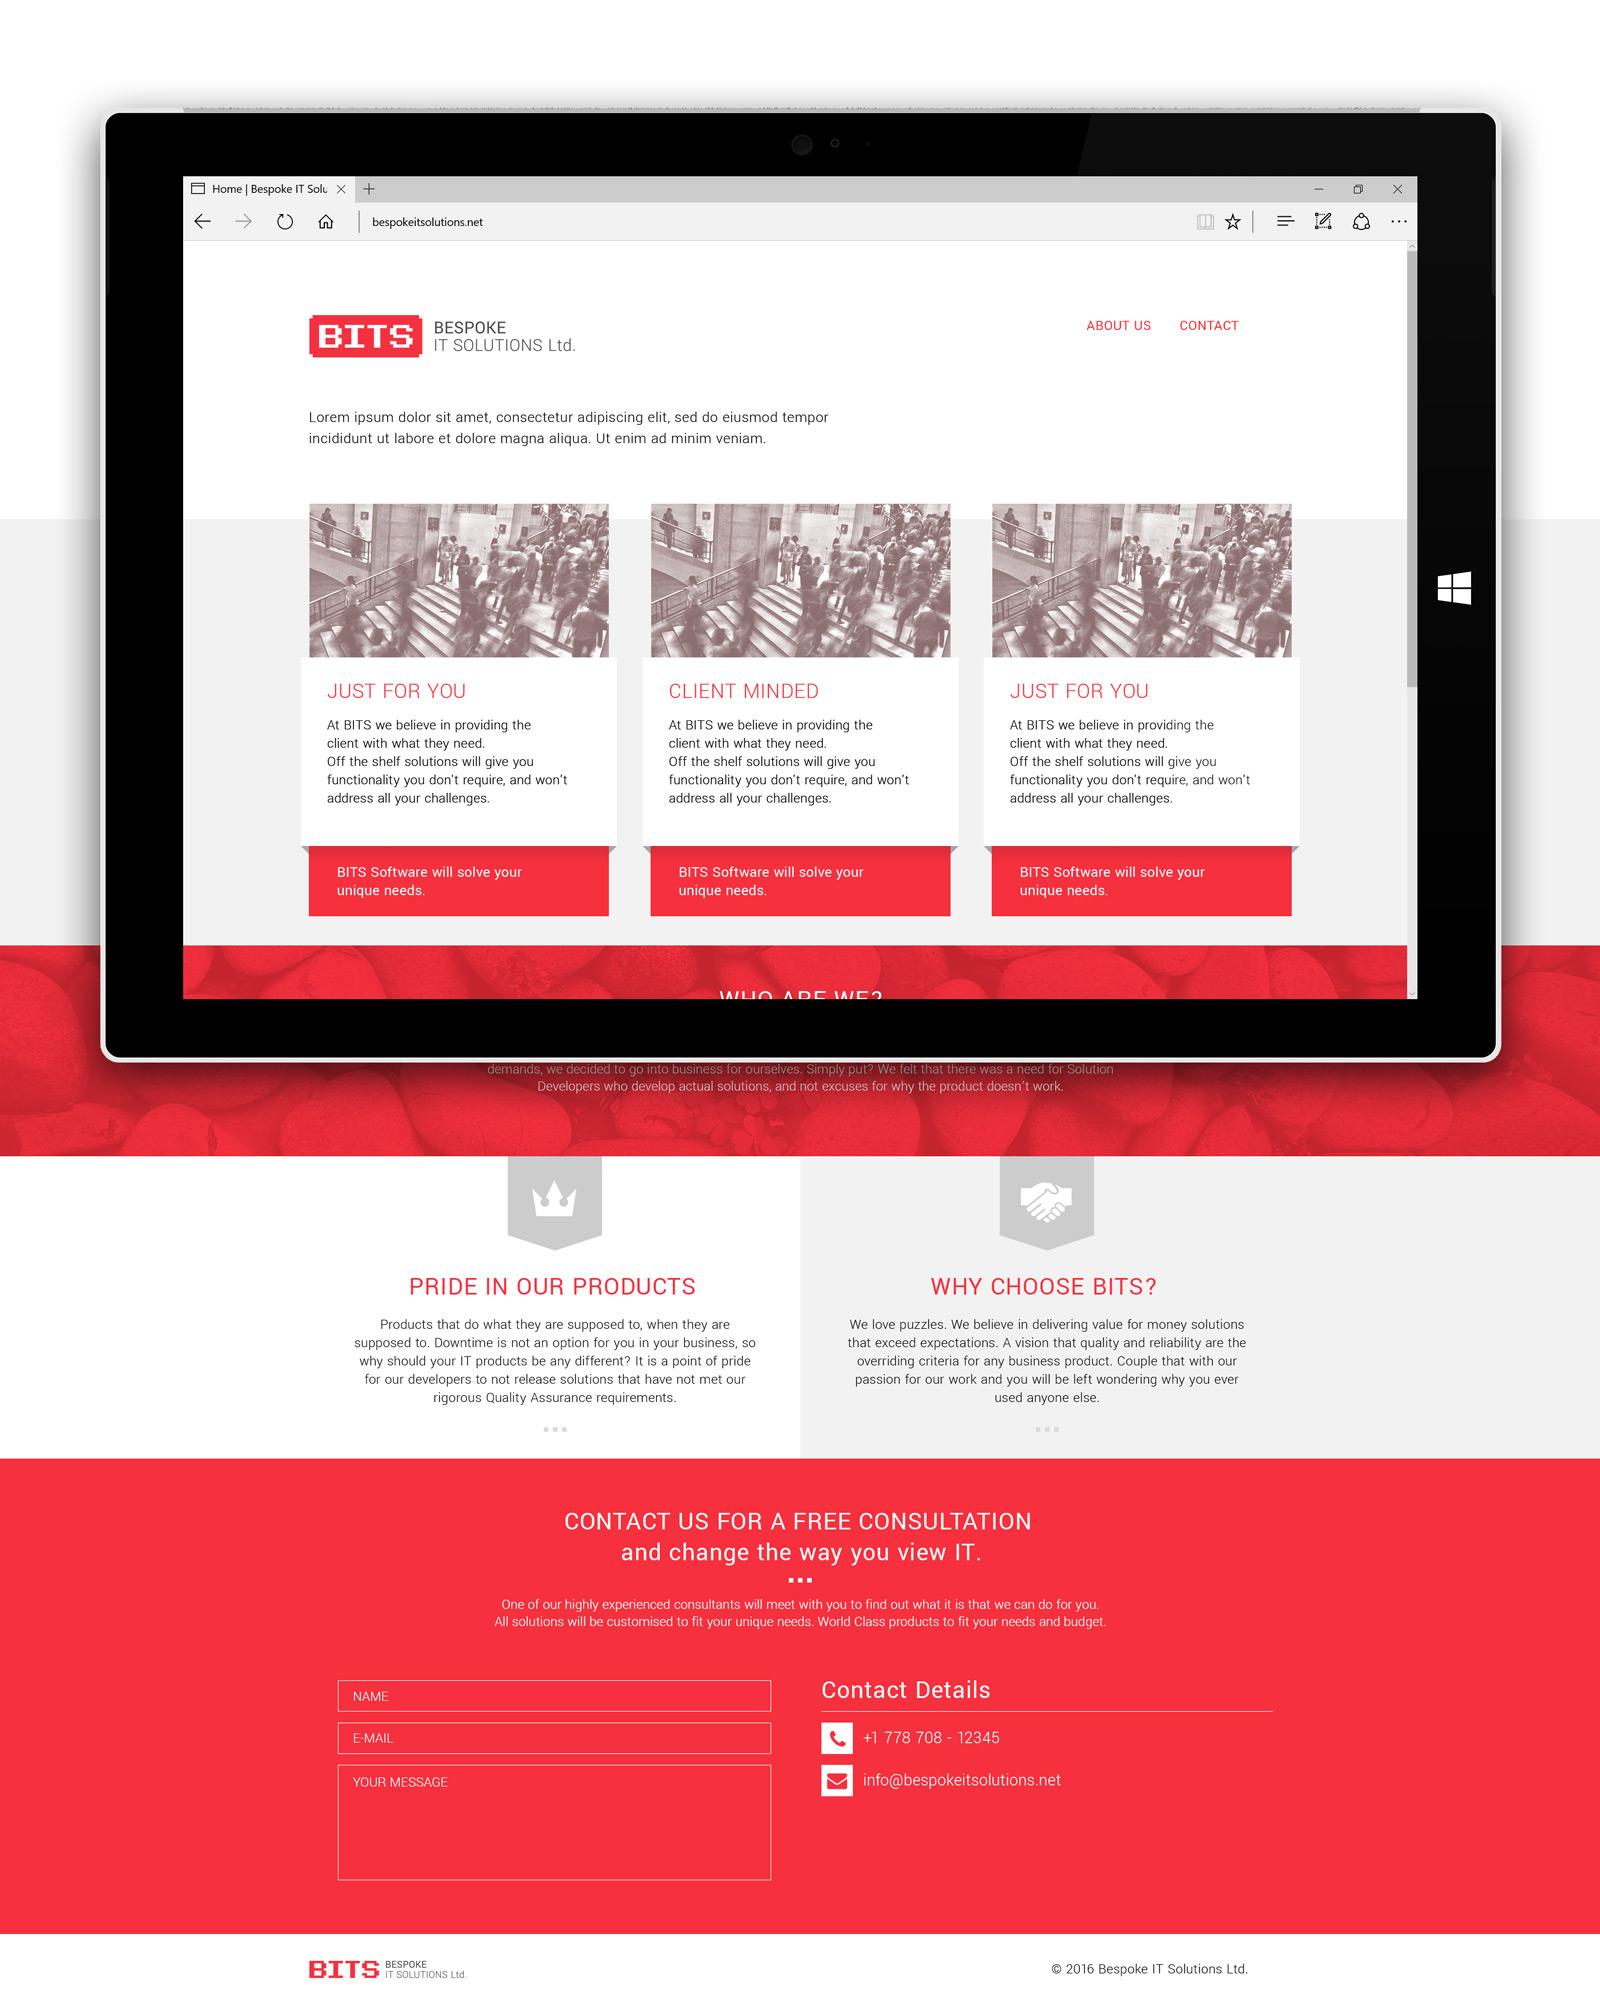 Bespoke IT Solutions Ltd. | Webdesign | Branding By Artjom Meister | Art-mas.com